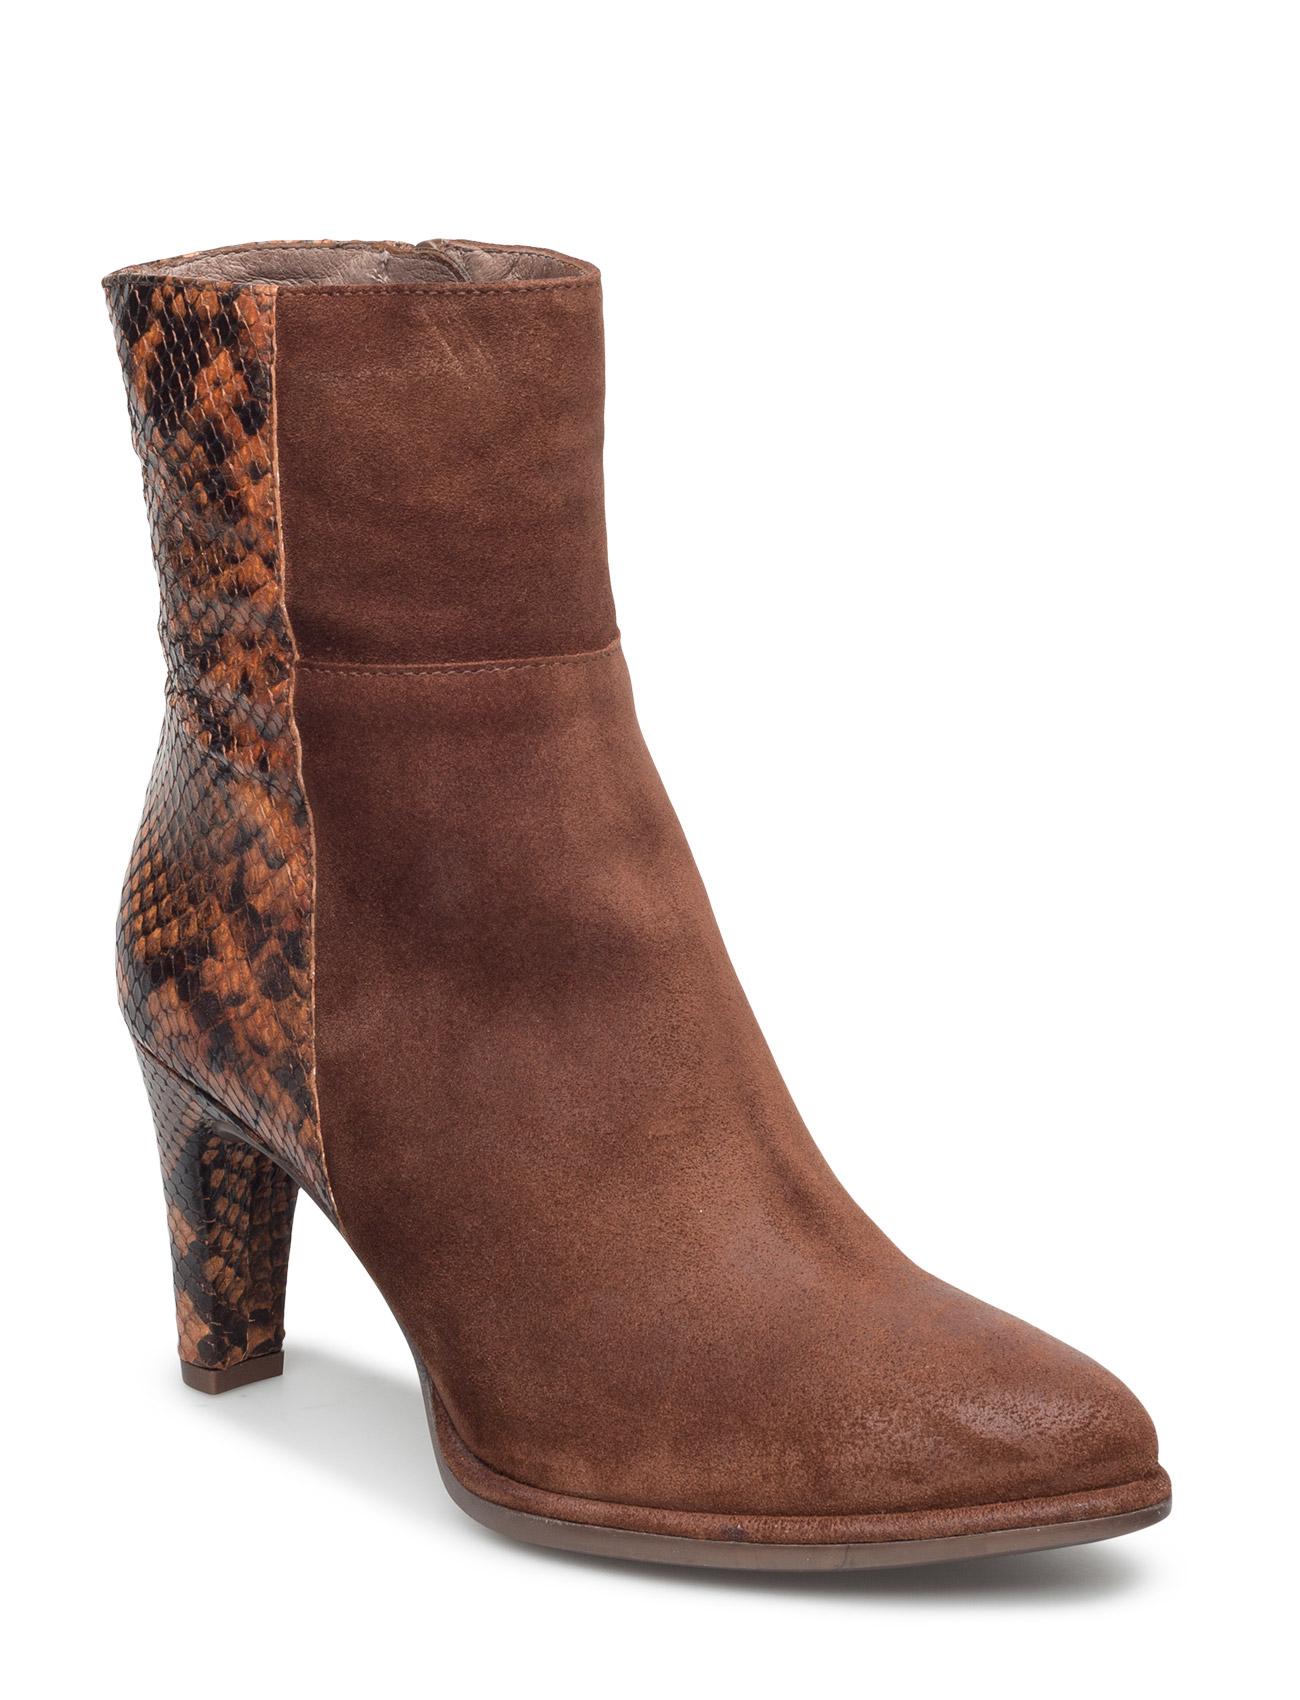 M-2602 Wonders Støvler til Kvinder i